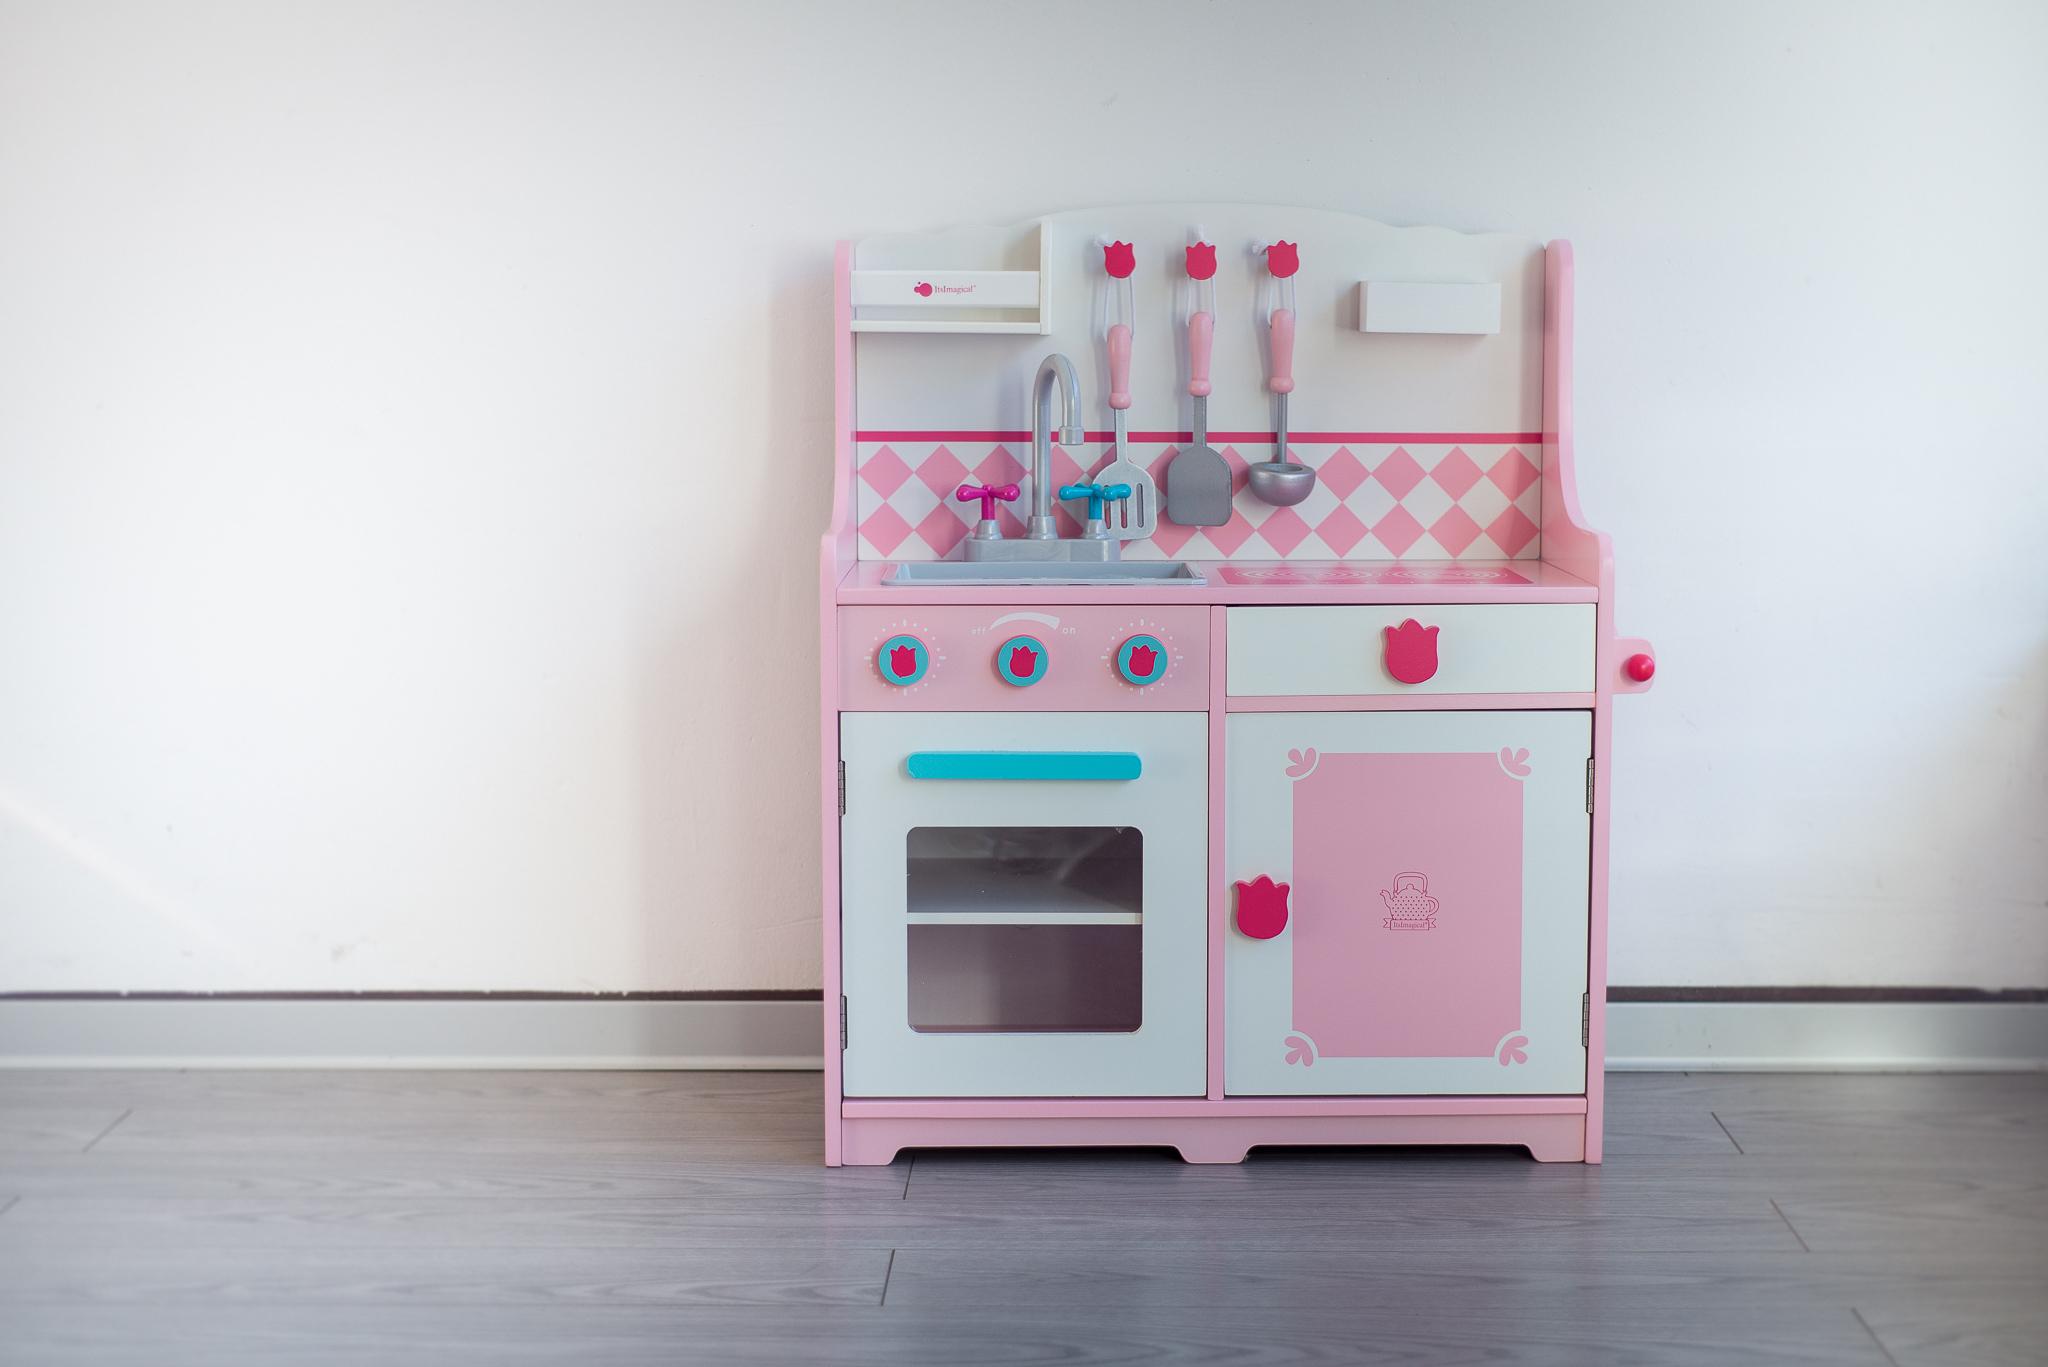 Per la cucina dei suoi sogni ci pensa Imaginarium